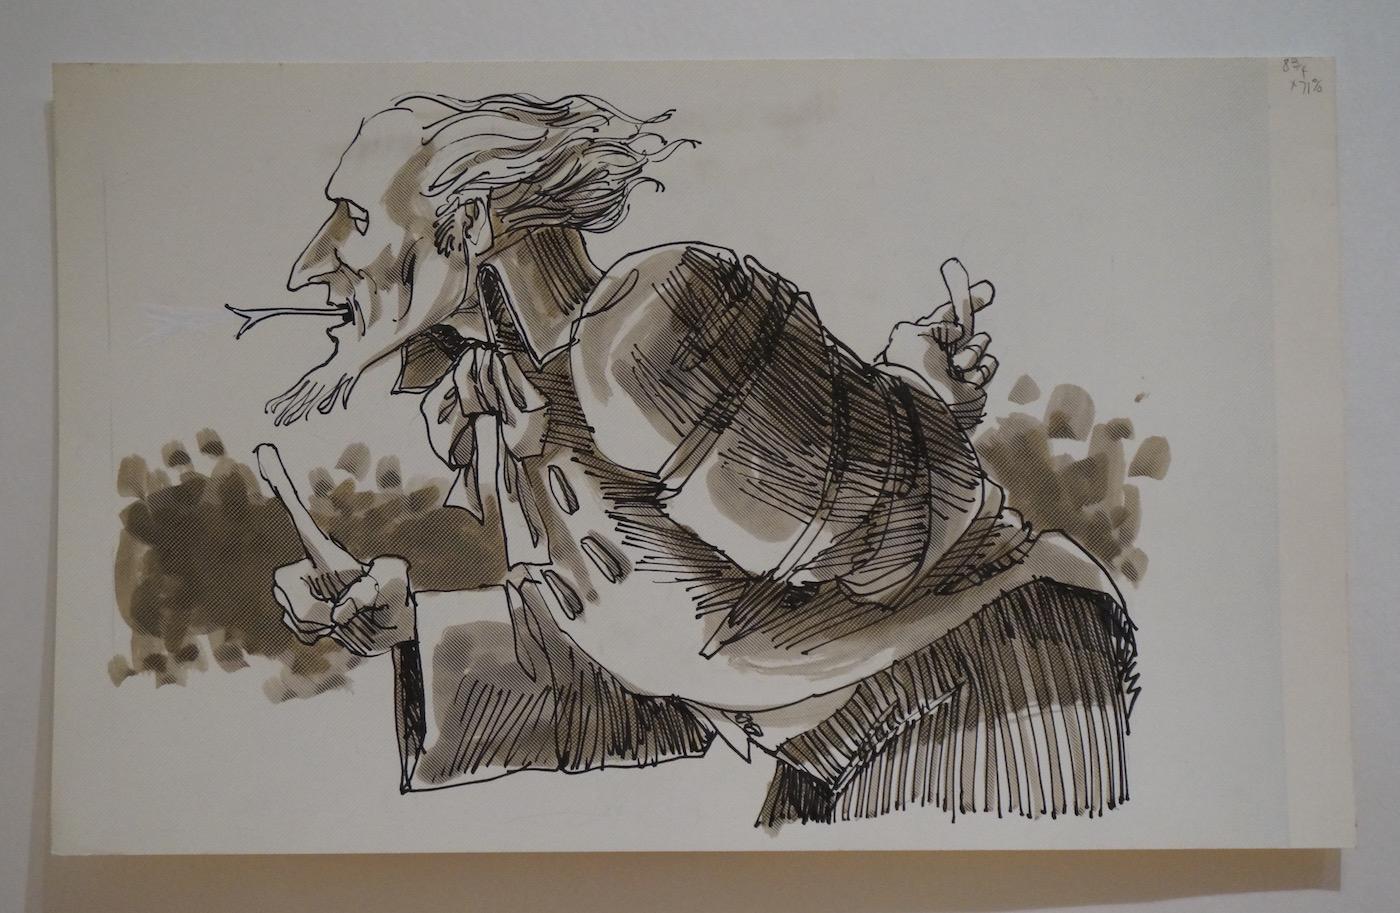 A drawing by Edward Freska